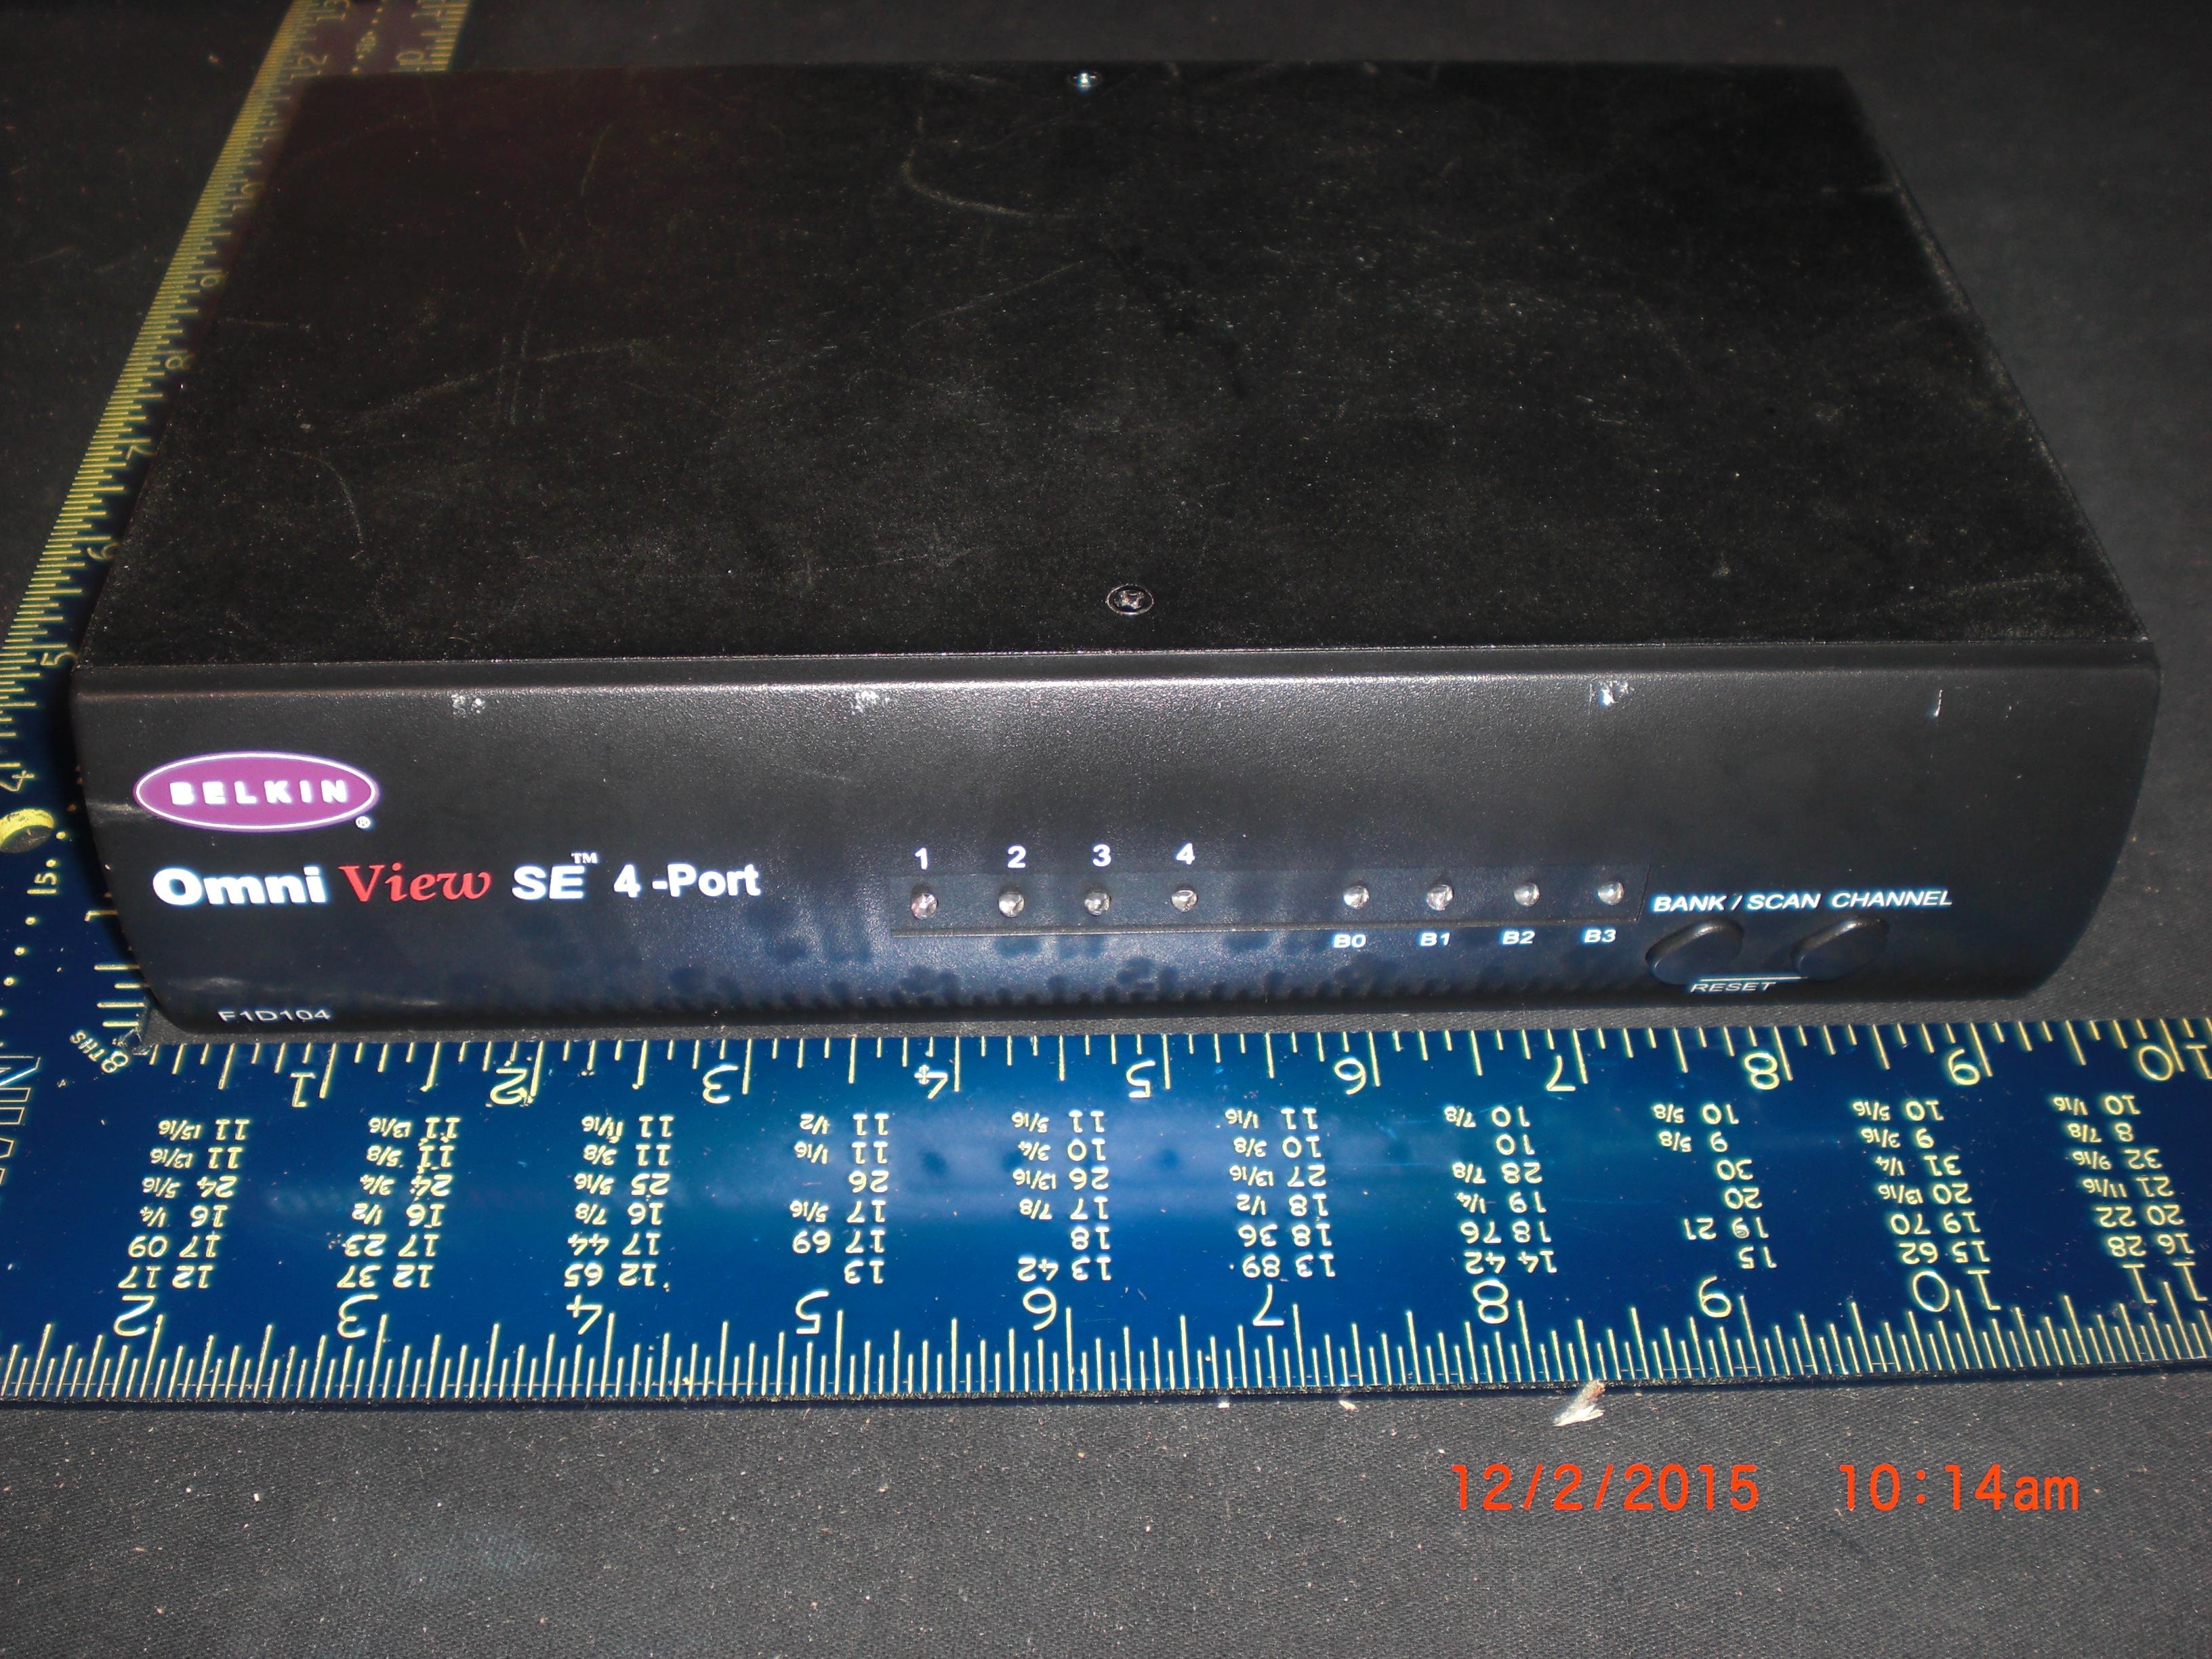 Computer Accessory BELKIN F1D104 Omni View SE 4 port w/o power cord